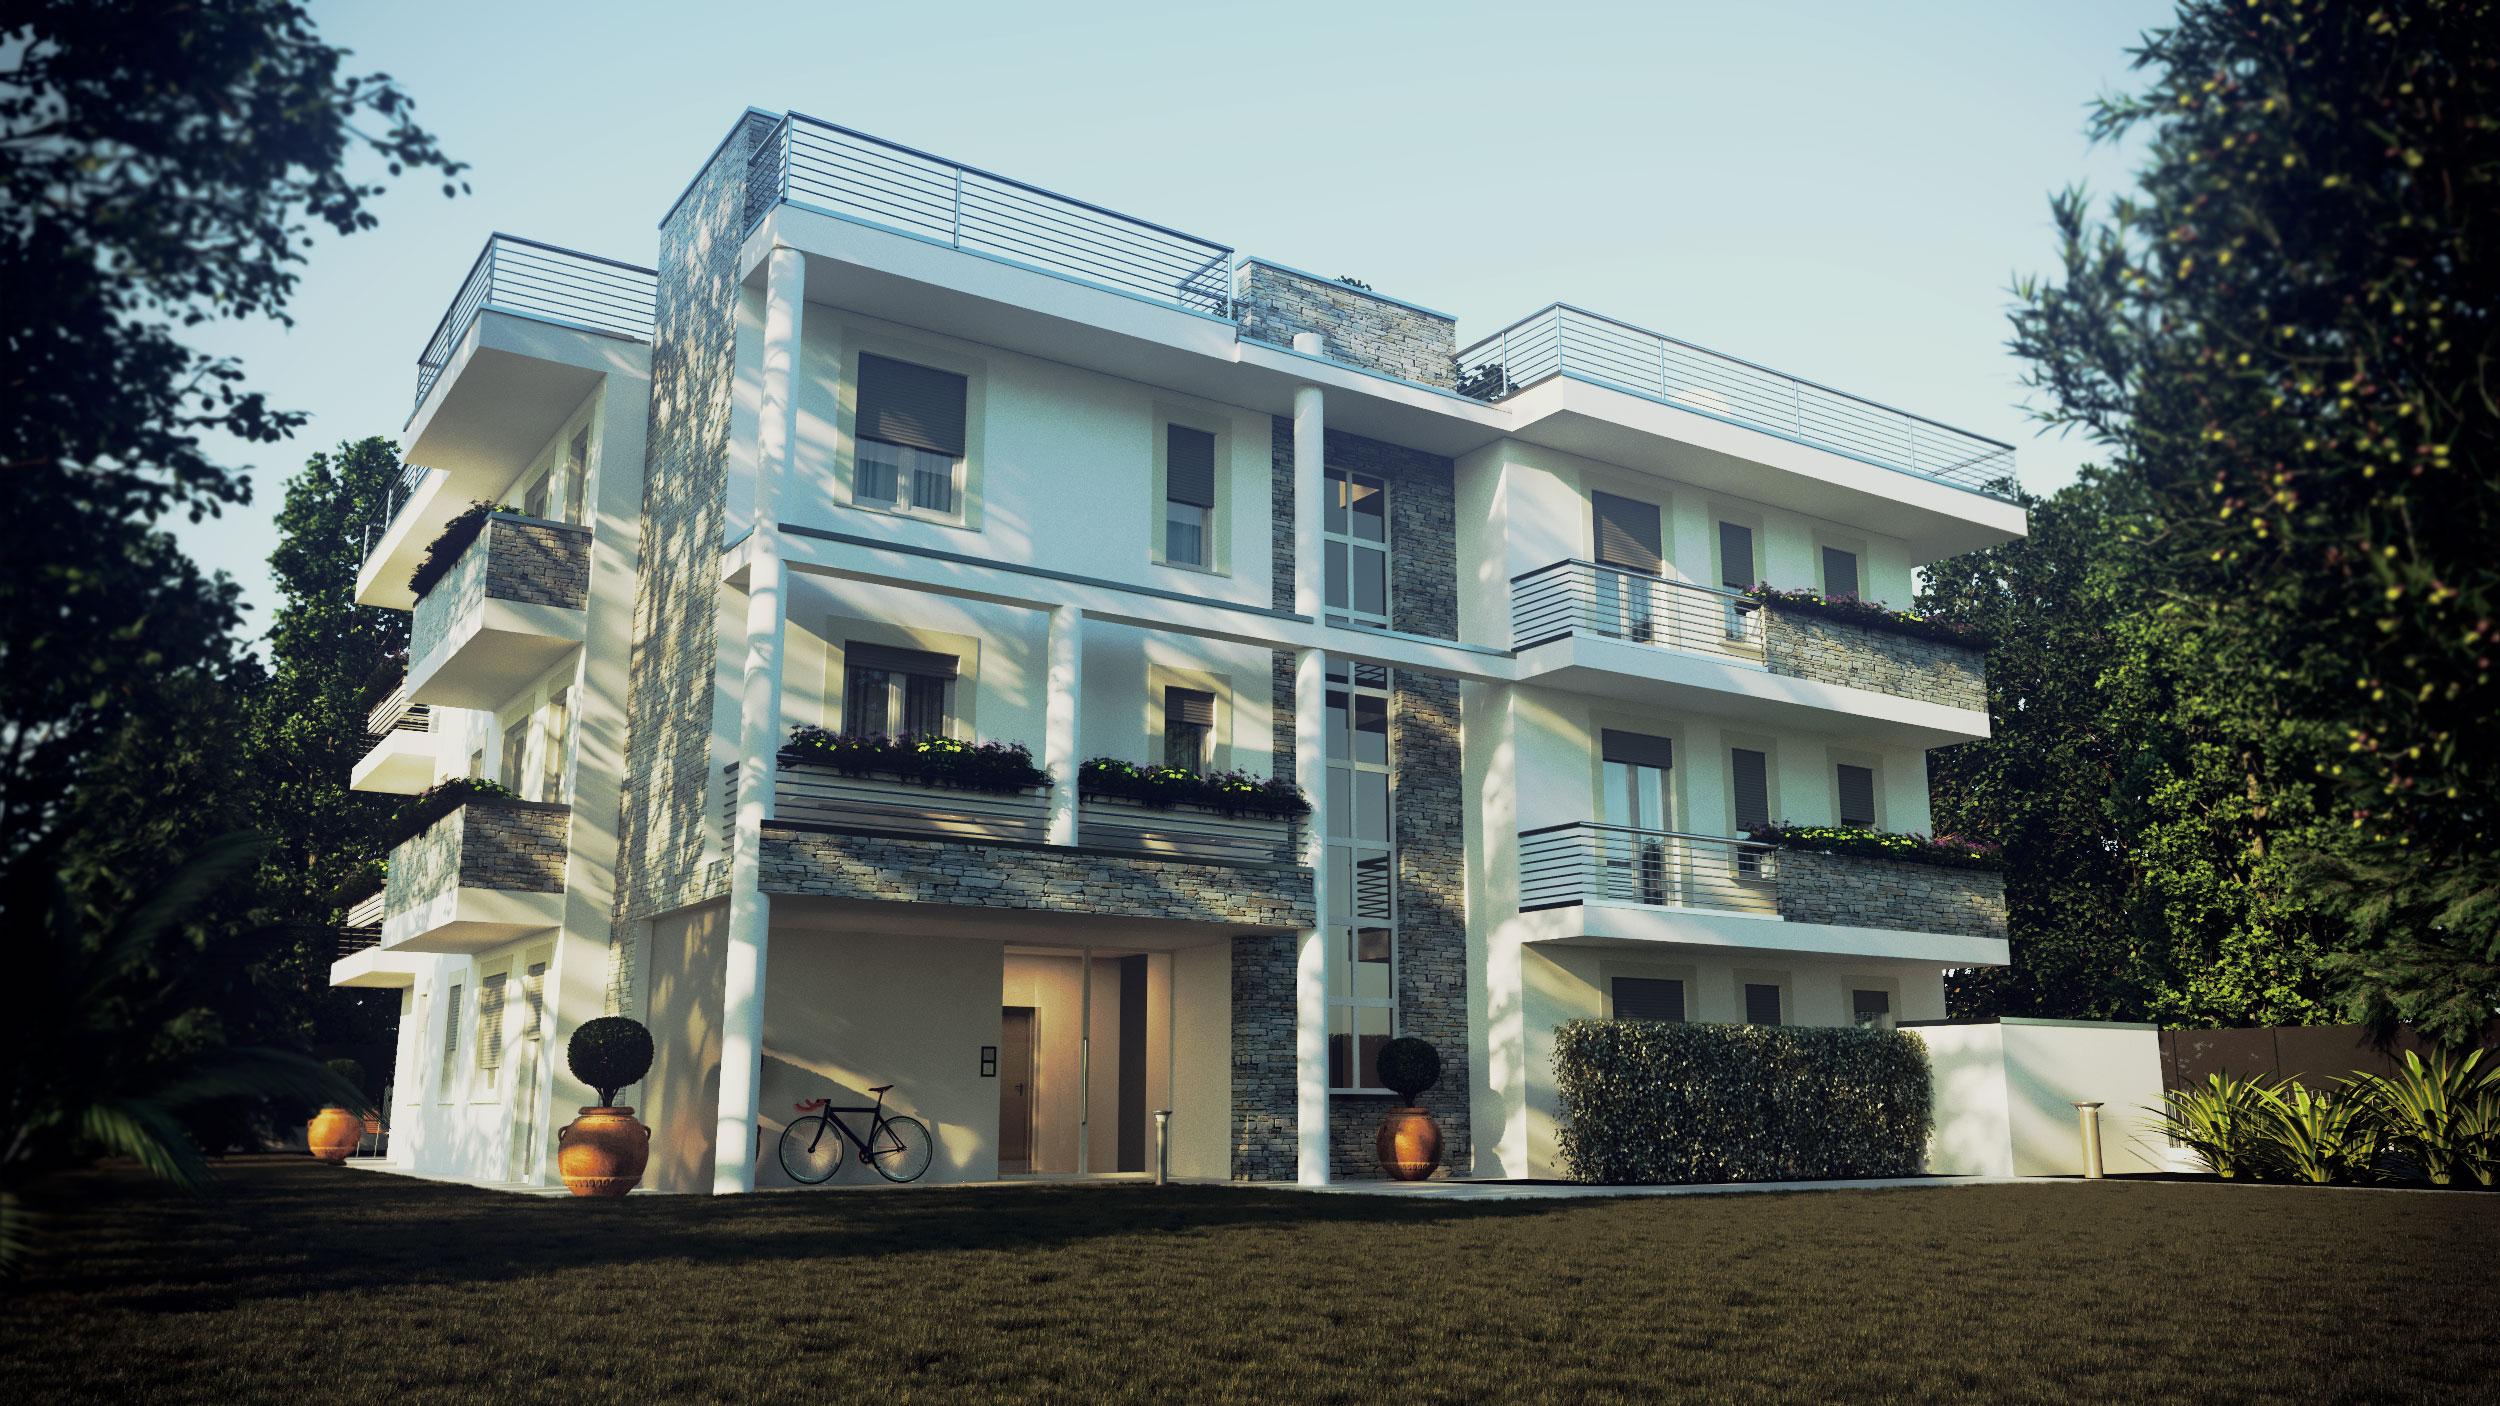 Architettura E Design residenza mazzini | studio corbetta architettura e design